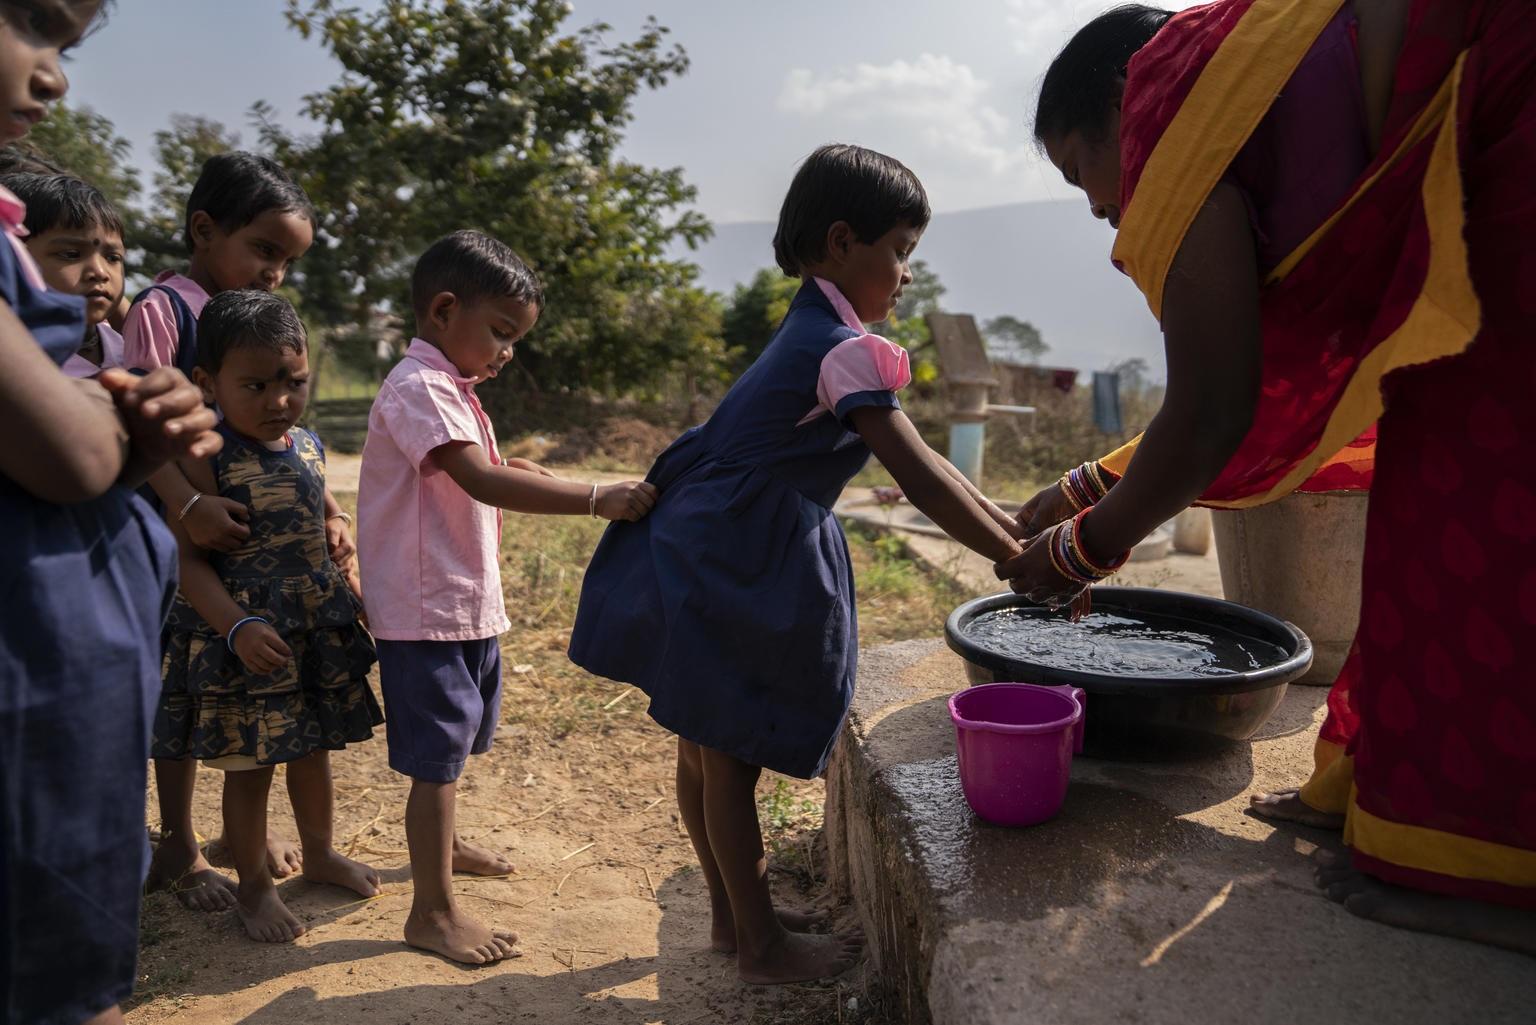 Crianças fazem fila para lavar as mãos do lado de fora de uma escola na Índia. Foto Unicef